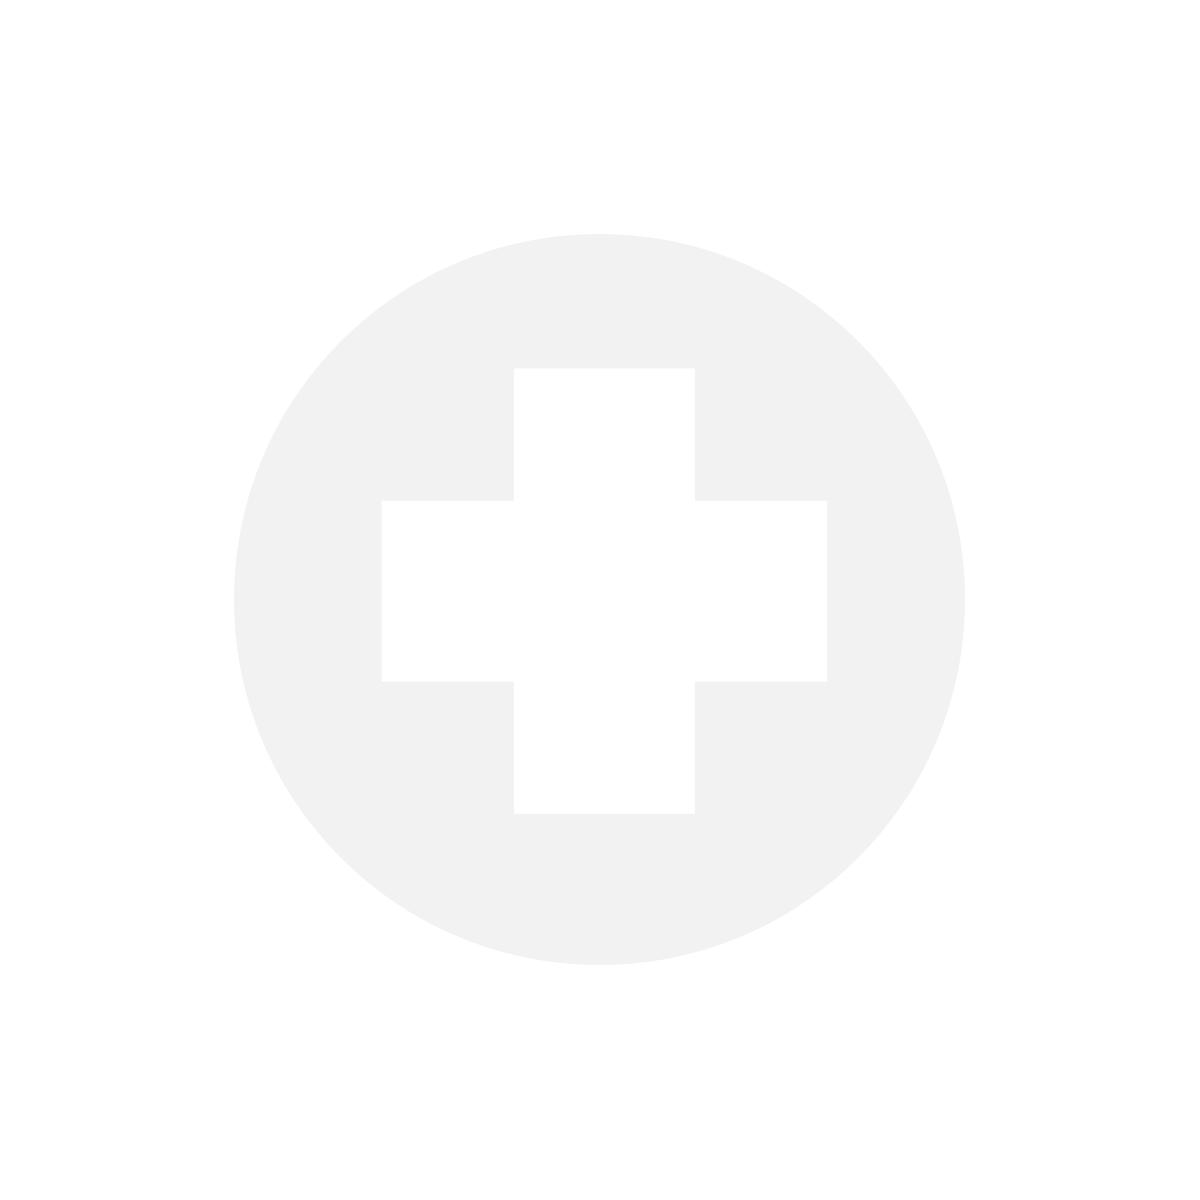 VEINAX Mi-Bas - Transparent